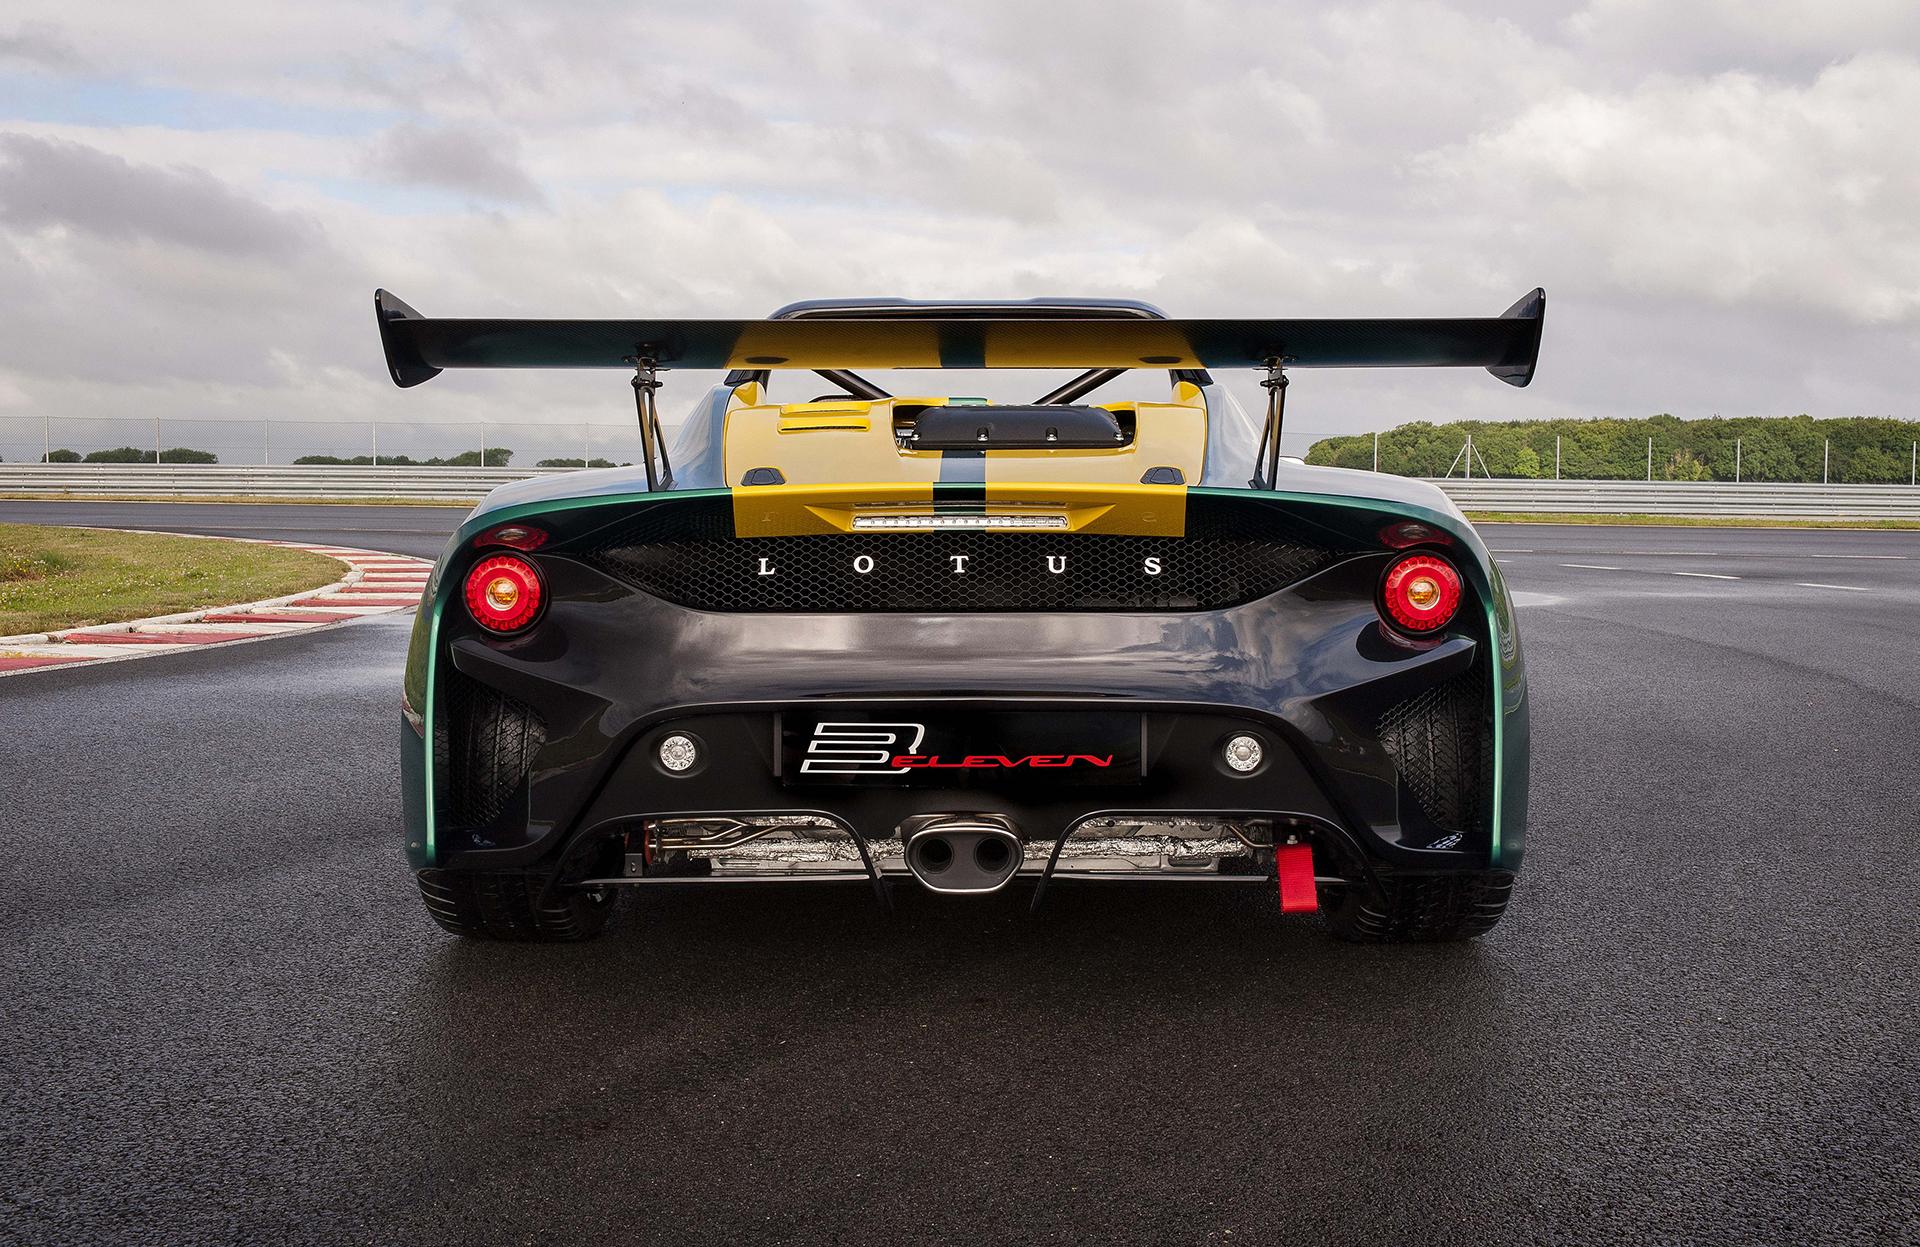 Lotus Cars 3-Eleven - arrière / rear